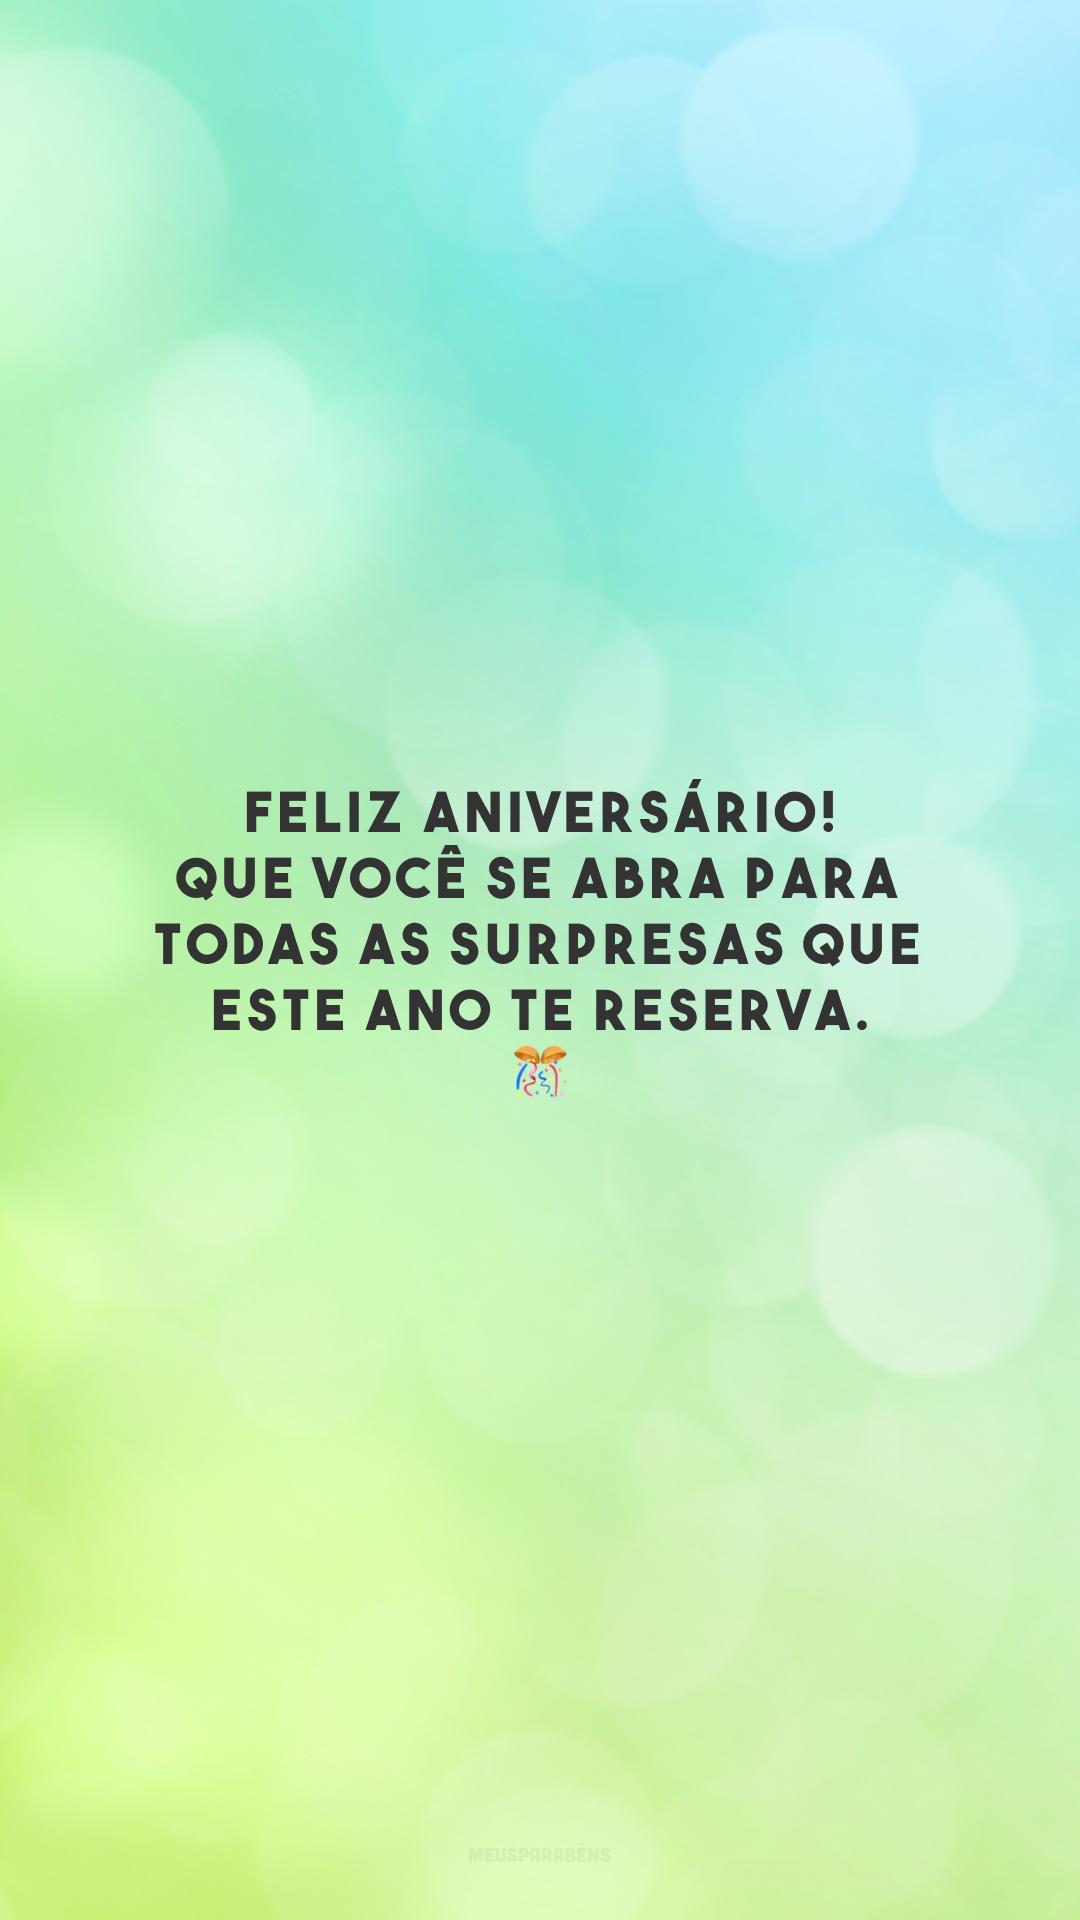 Feliz aniversário! Que você se abra para todas as surpresas que este ano te reserva. 🎊